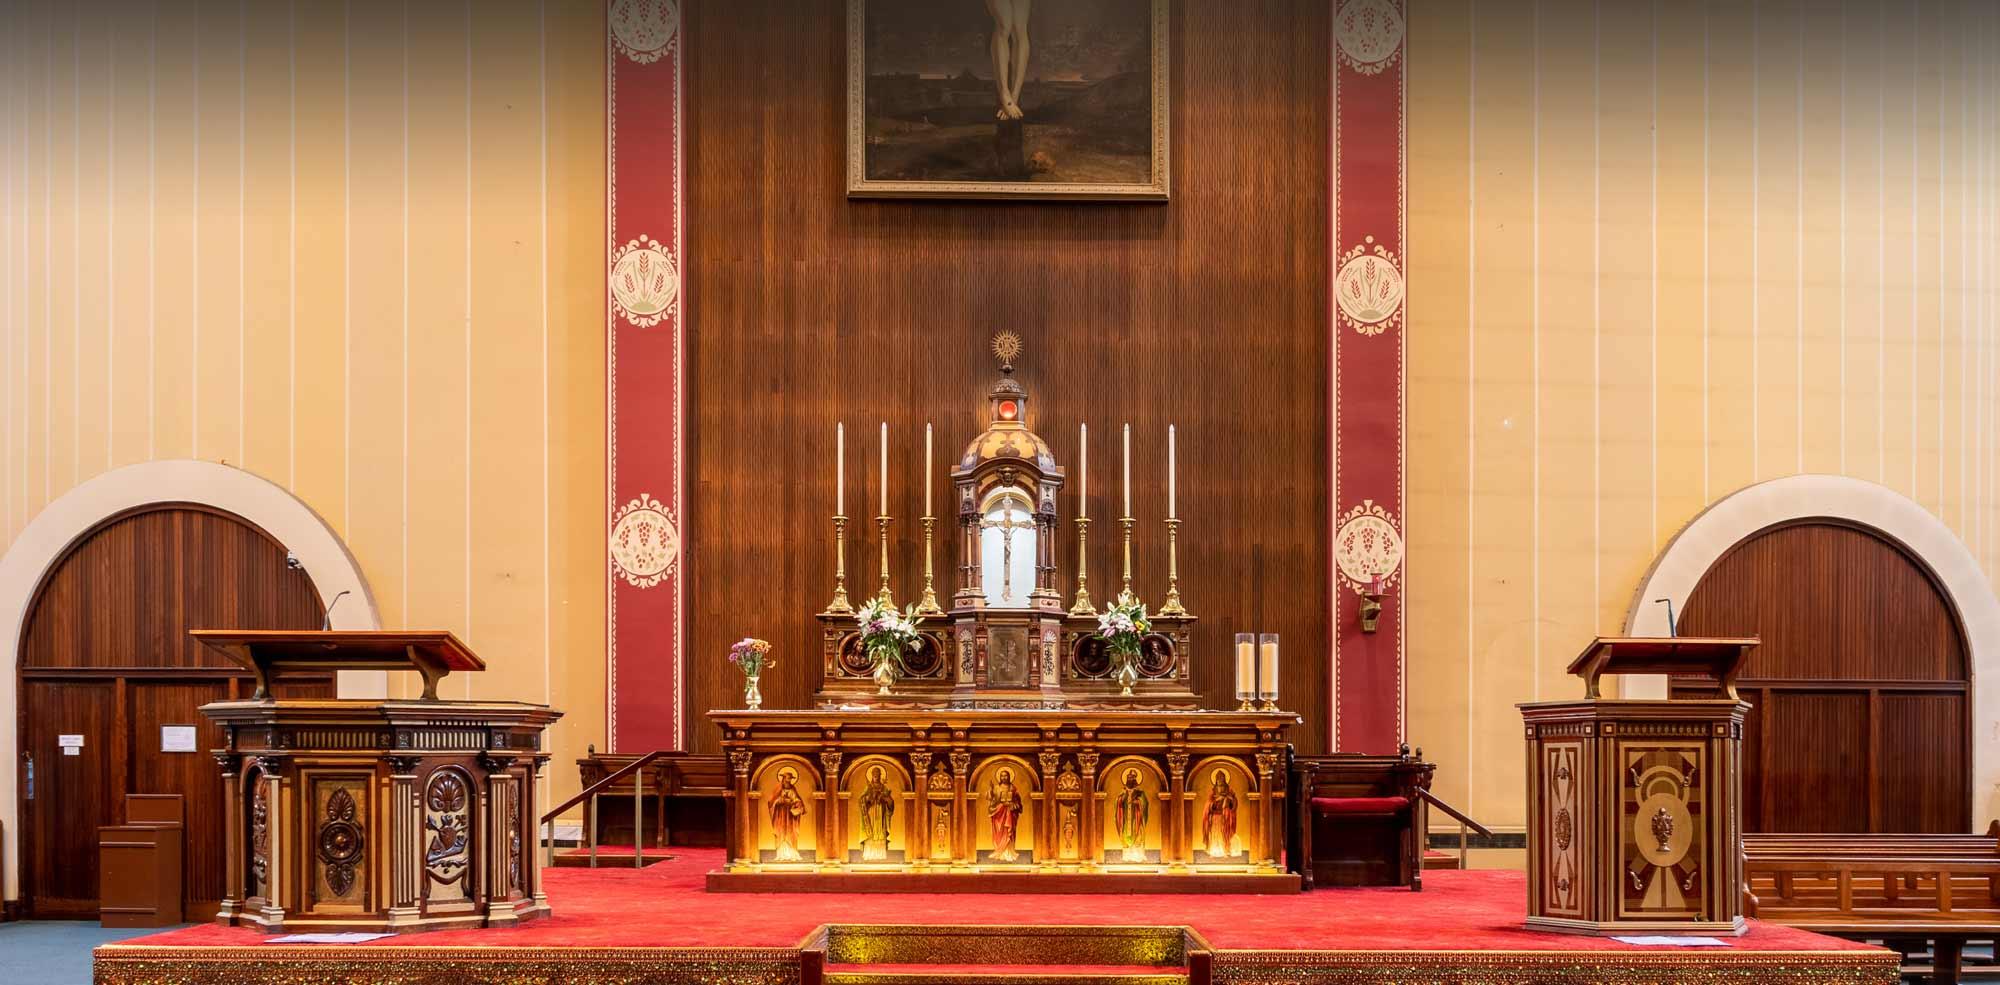 St. Augustine's Cork